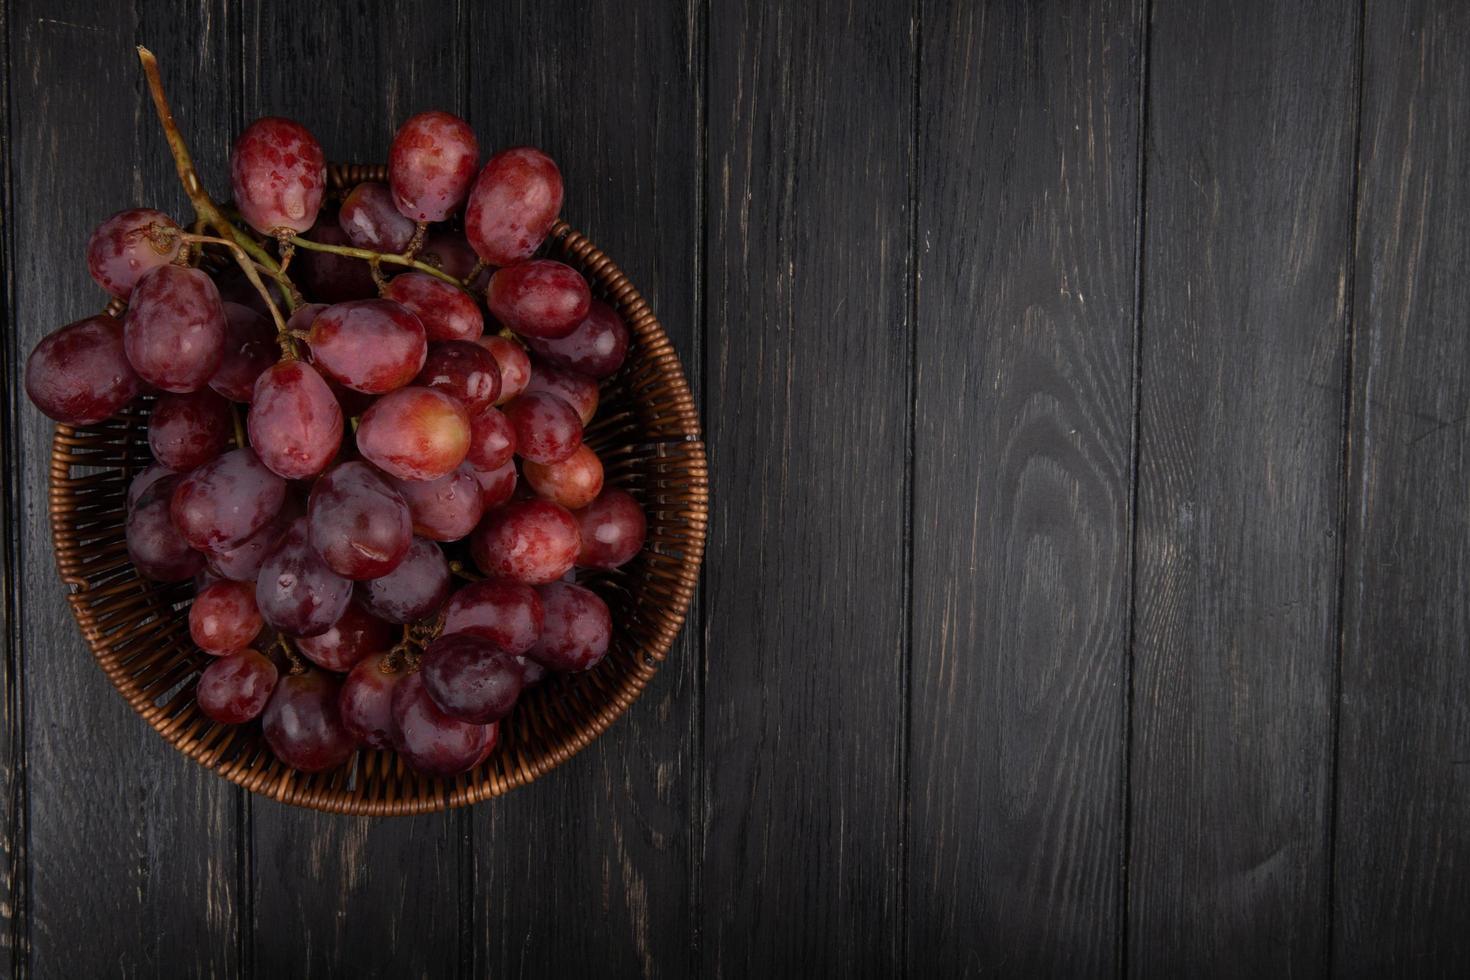 vista dall'alto di uve rosse in un cesto di vimini su sfondo di legno scuro foto